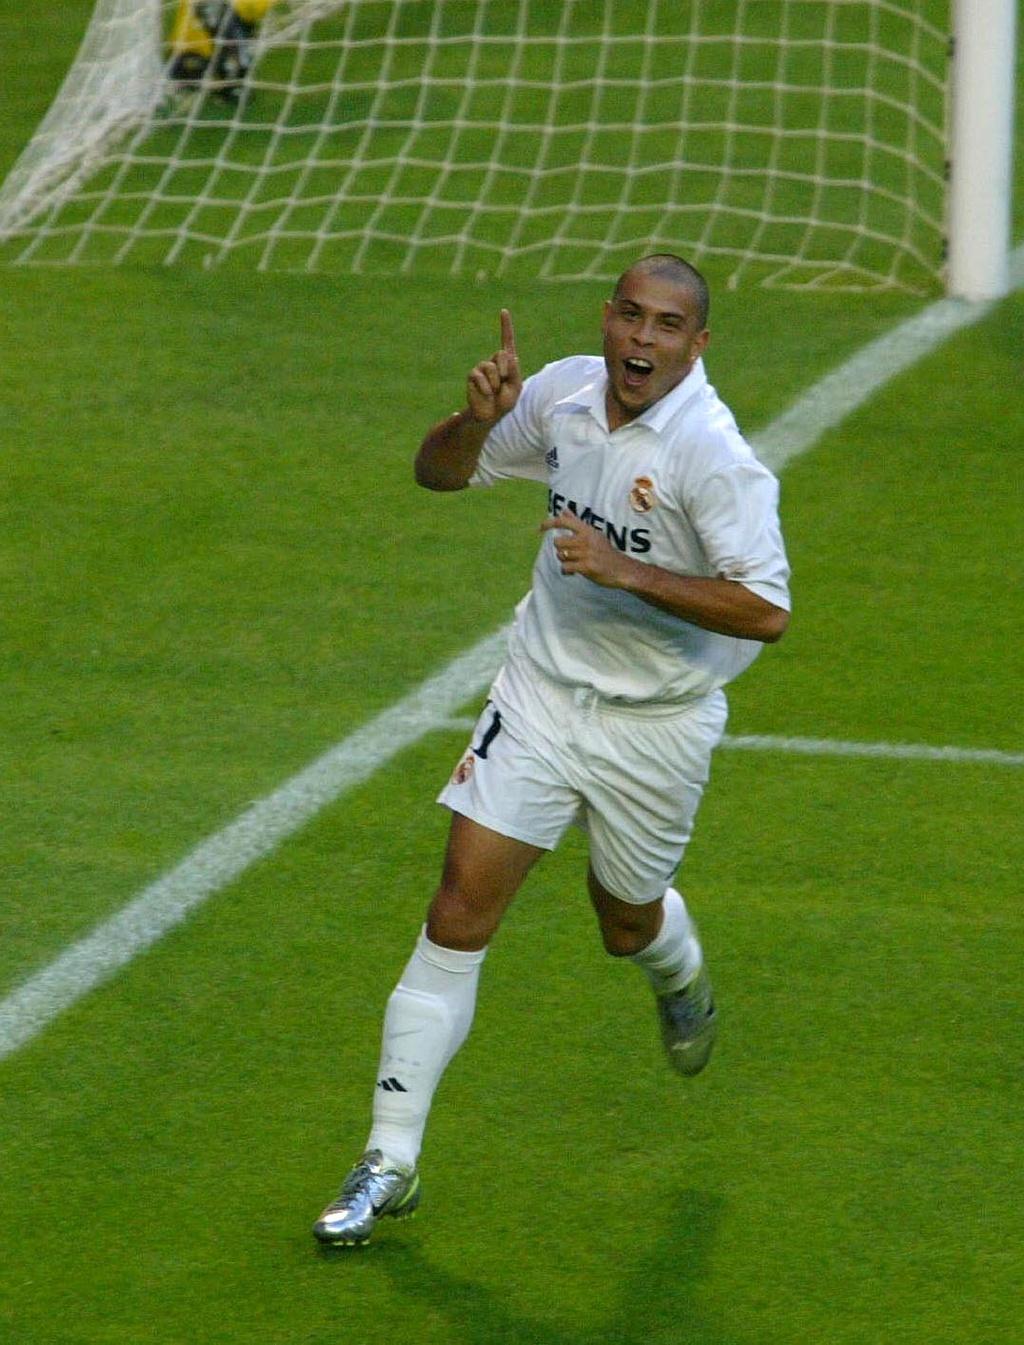 Tron 15 nam 'Nguoi ngoai hanh tinh' Ronaldo ra mat Real Madrid anh 3